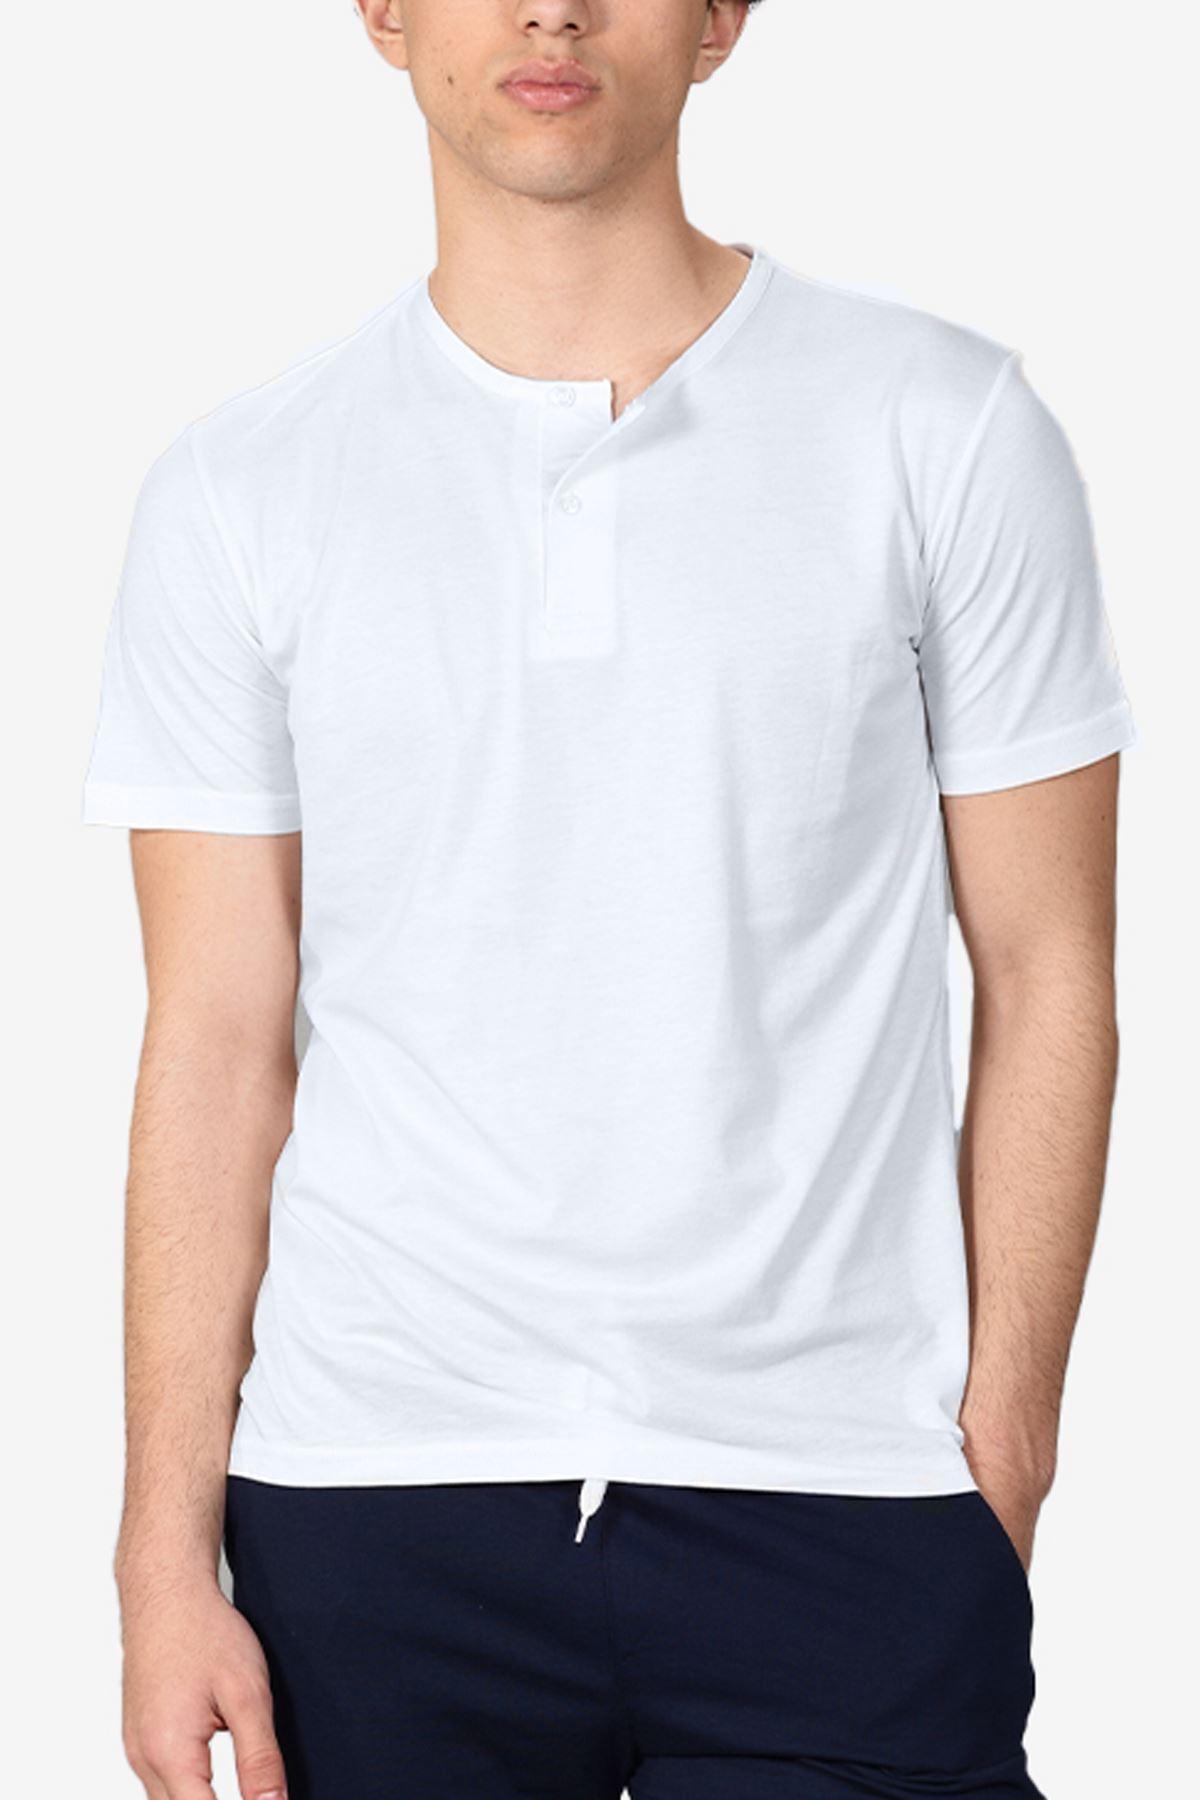 Malabadi Erkek Lacivert Alt Beyaz Üst Düğmeli Yaka Şortlu Pijama Takımı M565